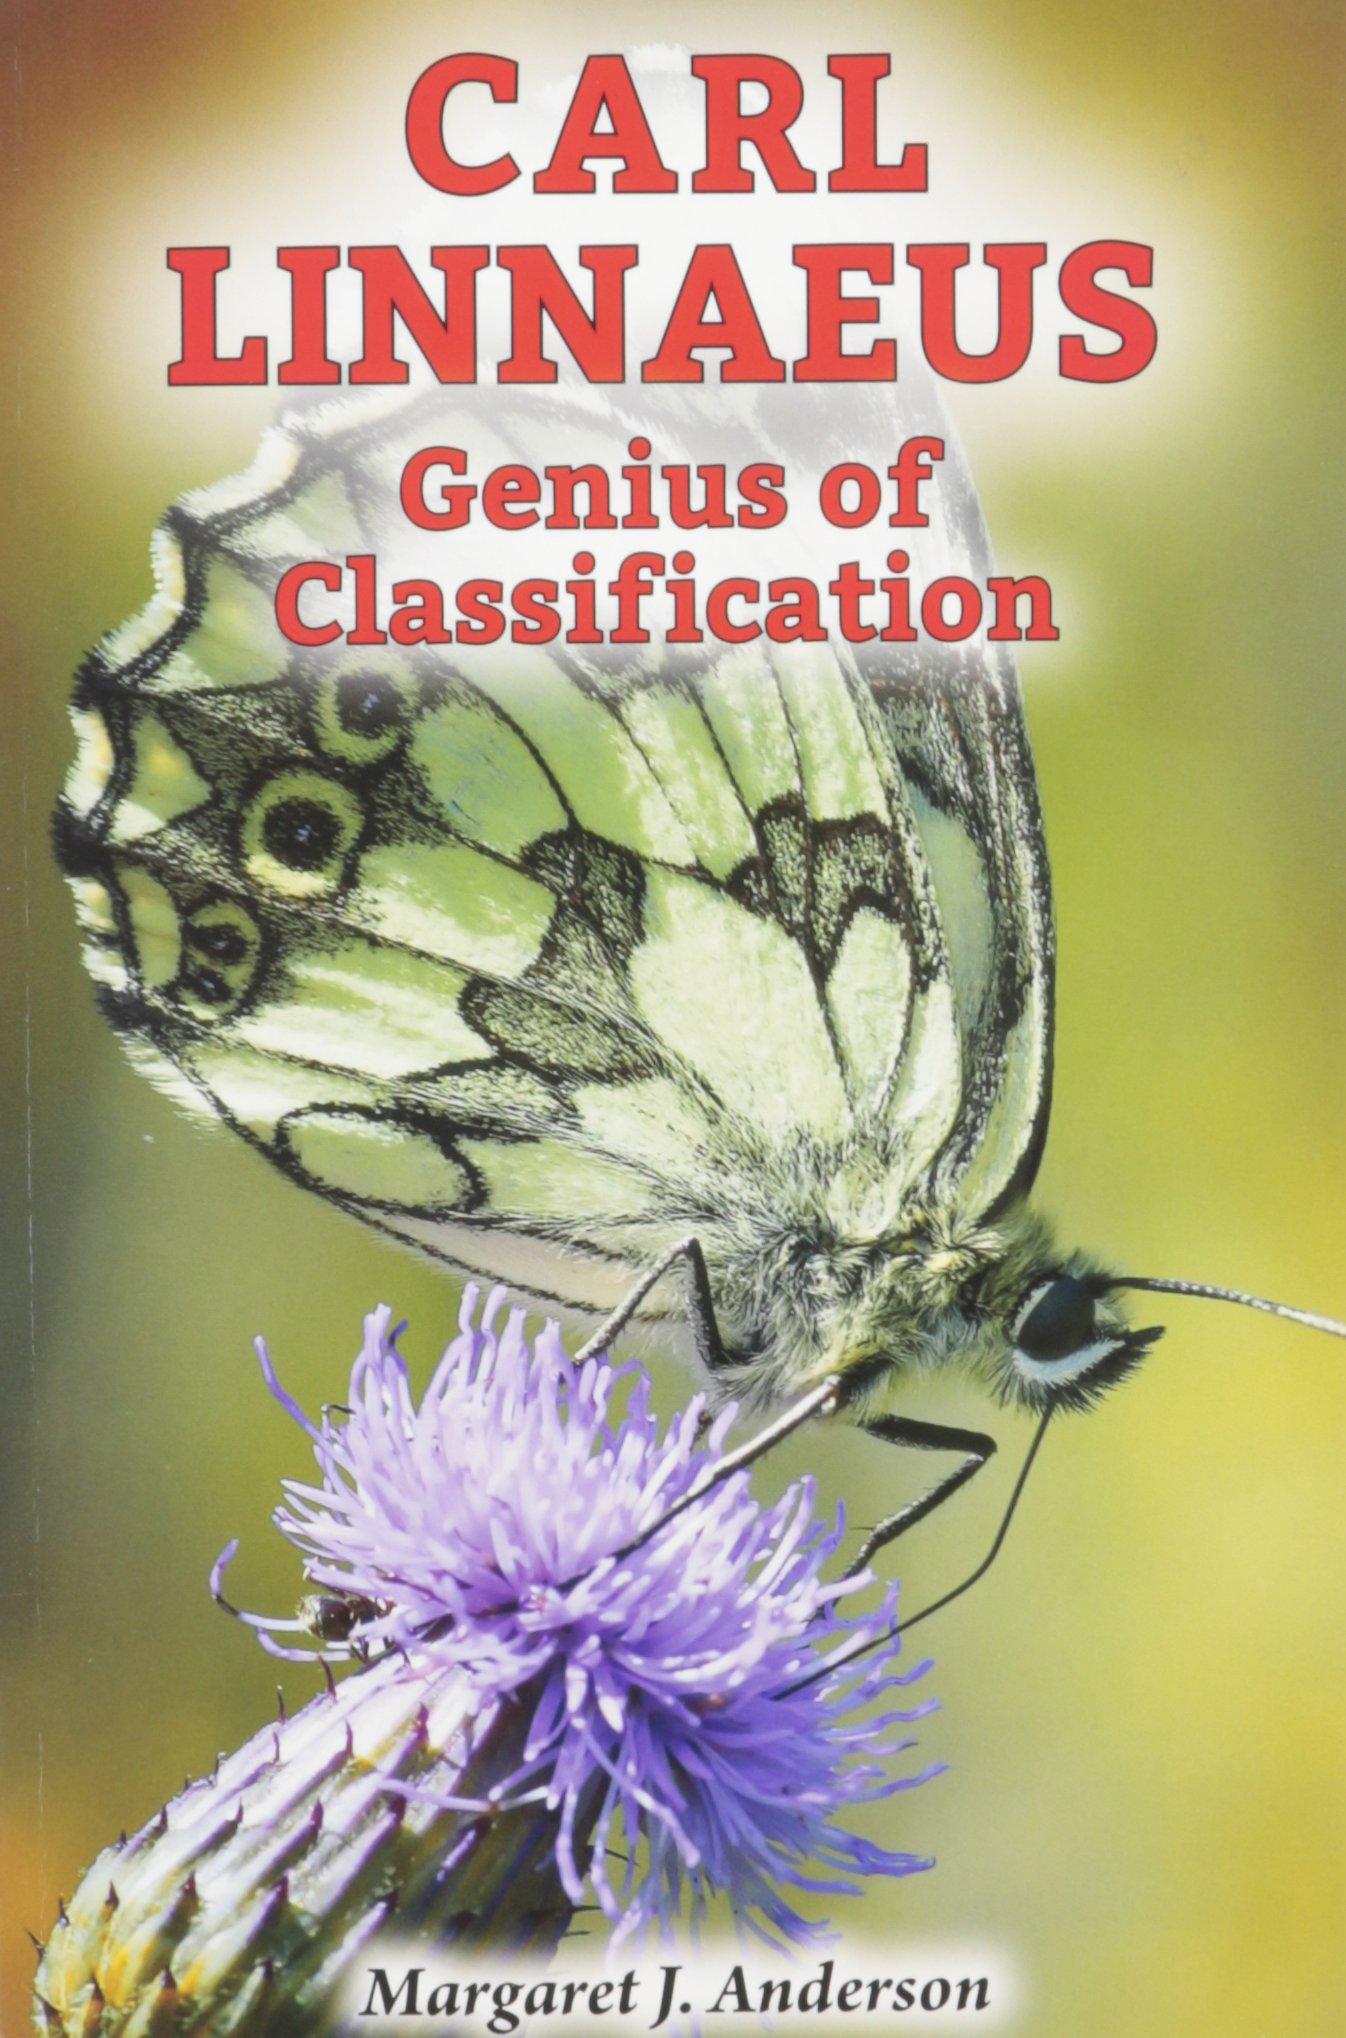 Carl Linnaeus: Genius of Classification (Genius Scientists and Their Genius Ideas)